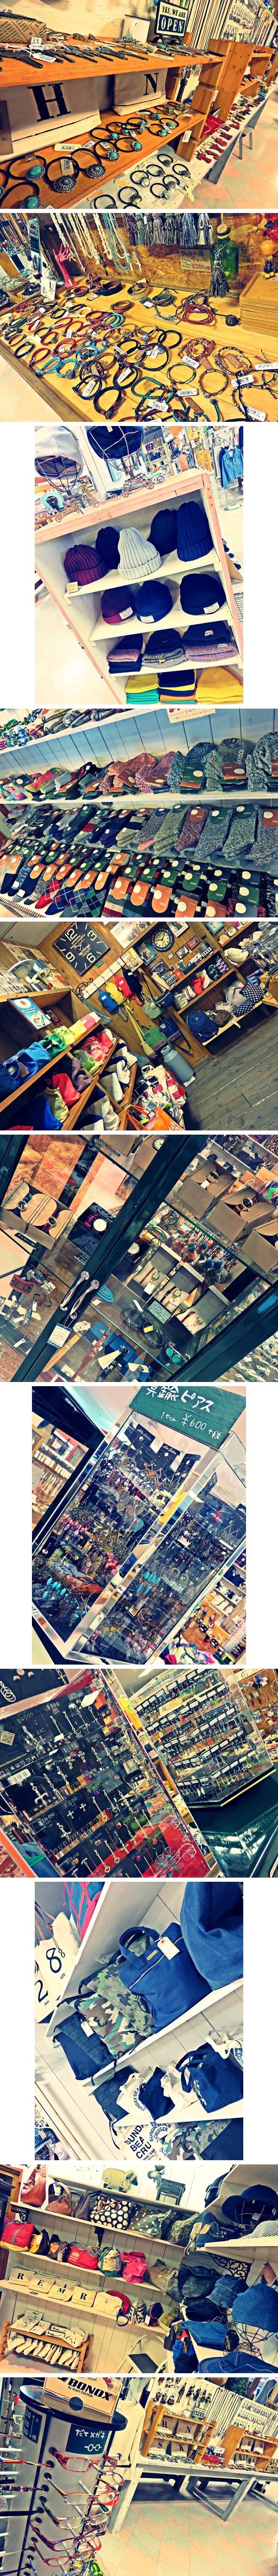 2015-09-18 25周年記念祭 店内 014 ブログ用-vert 服飾雑貨